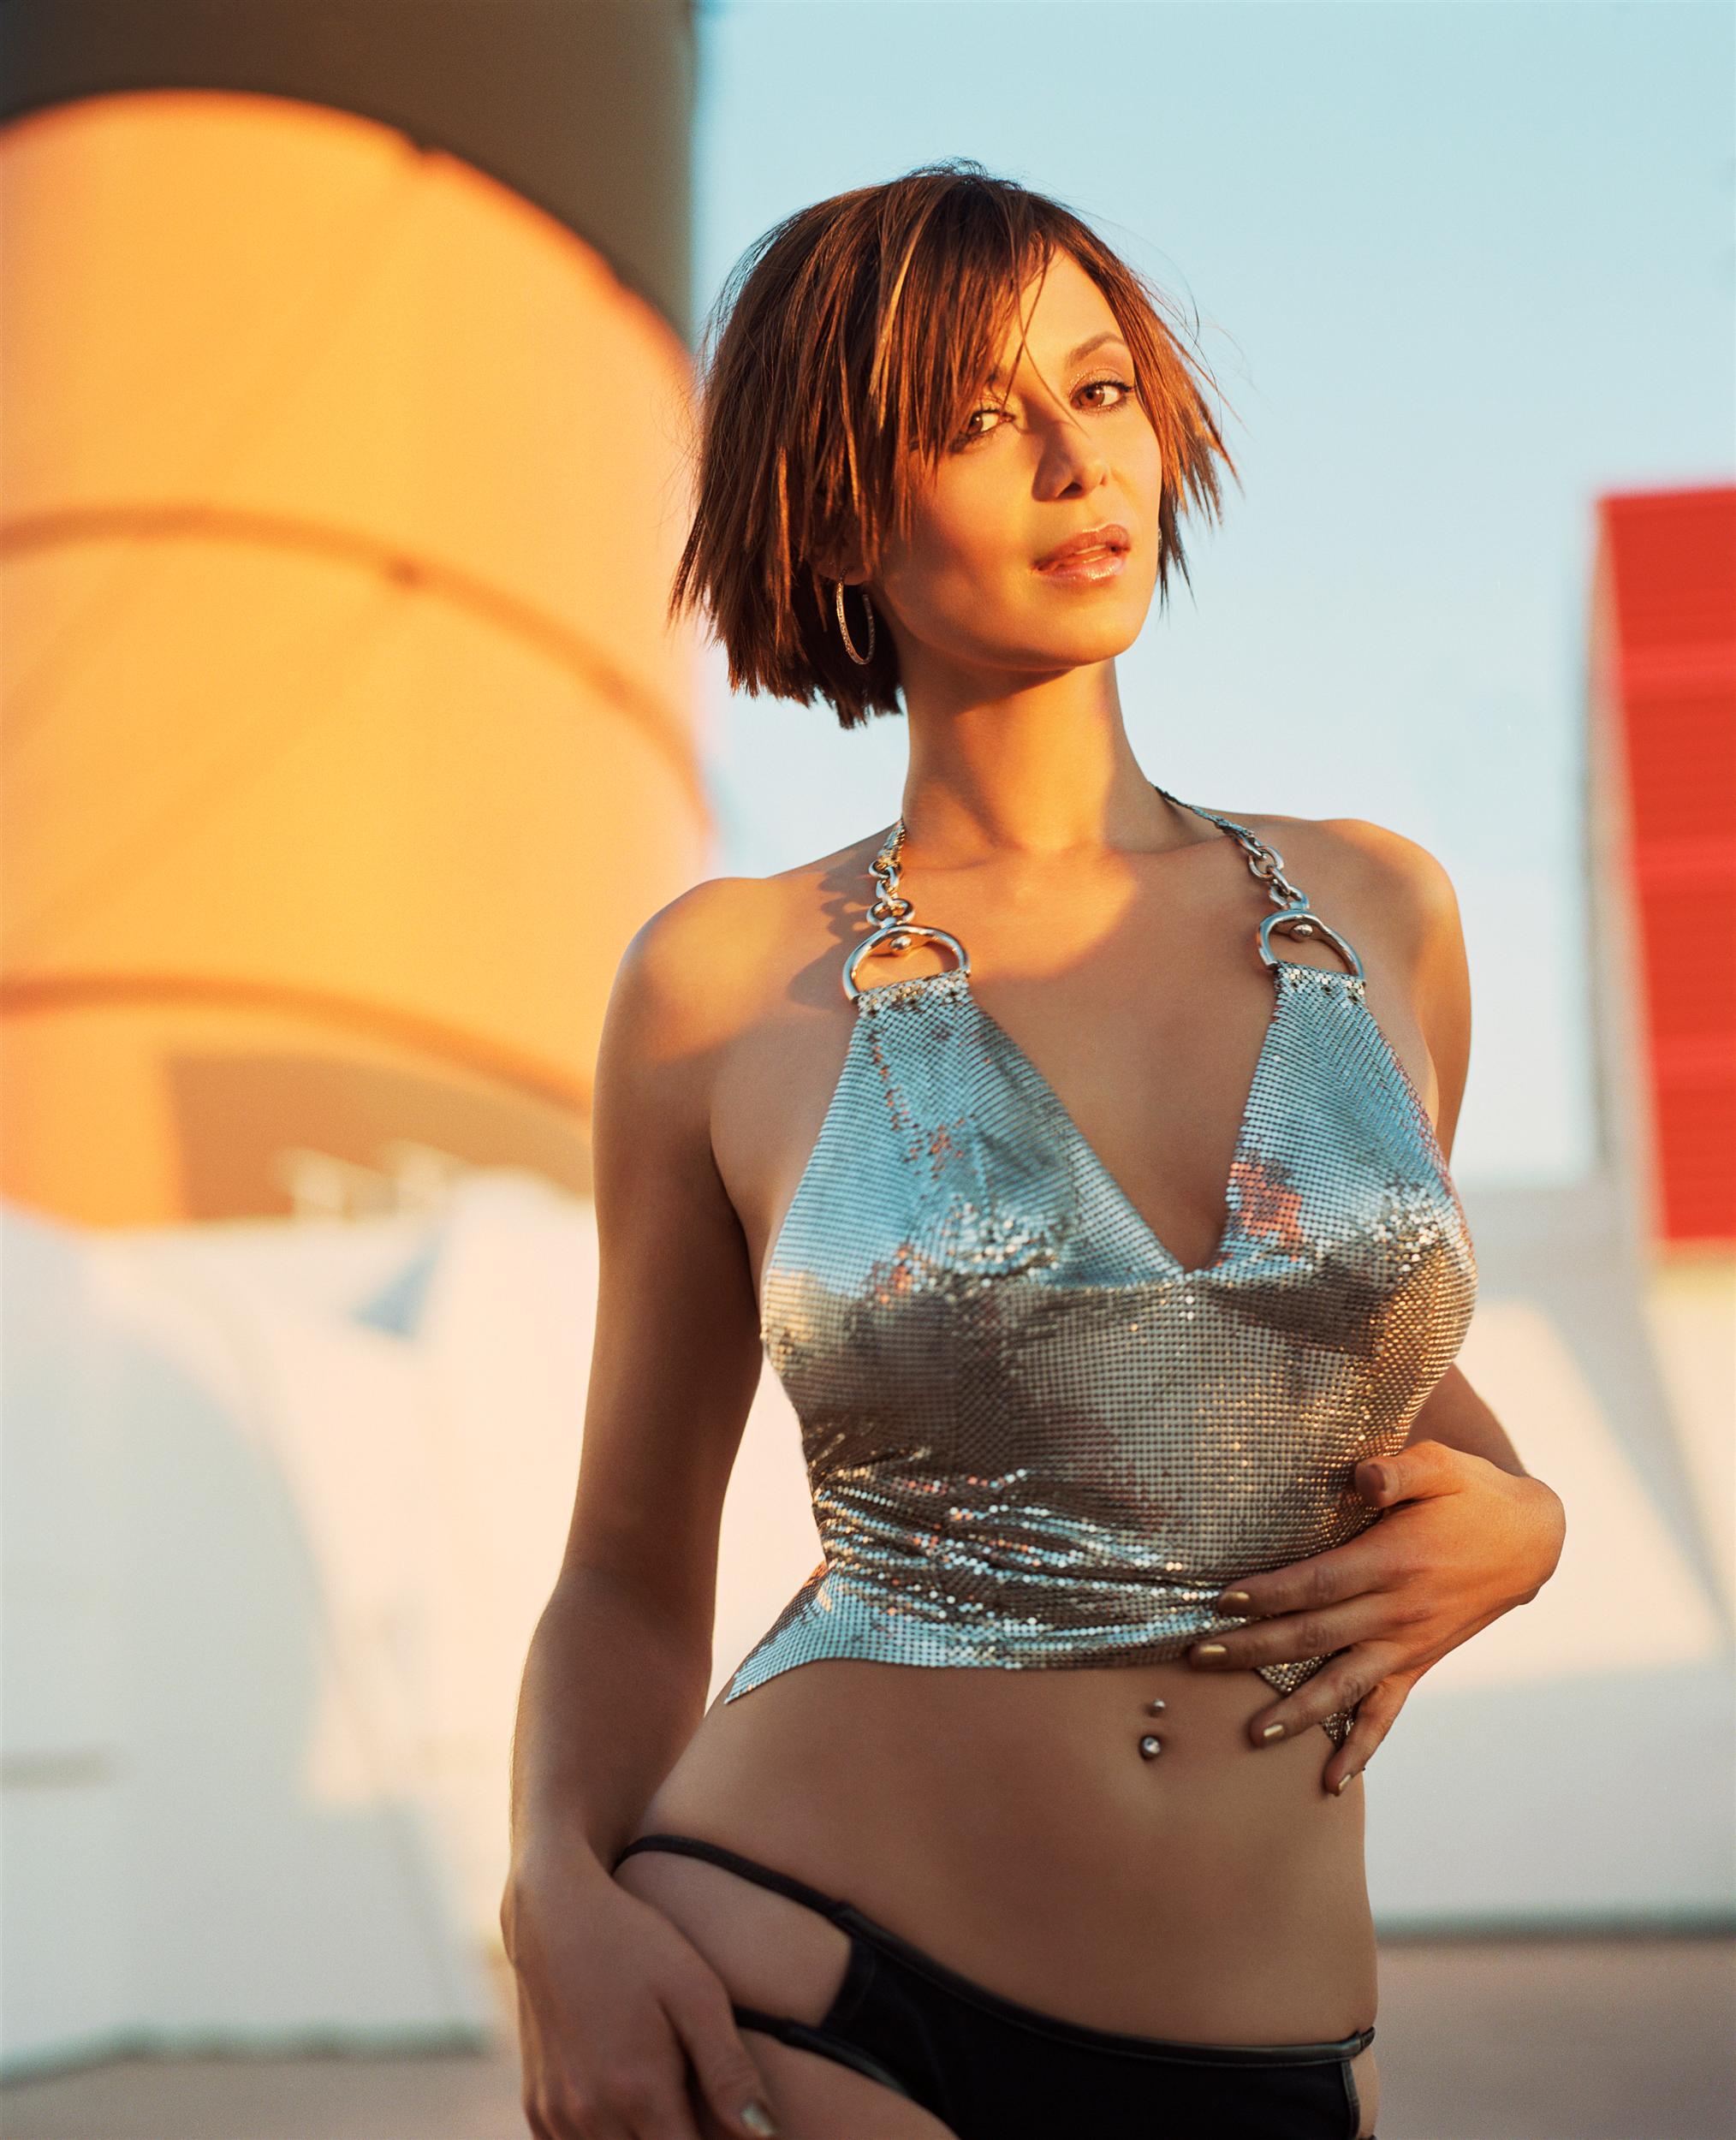 фото порно актрисы amber michaels